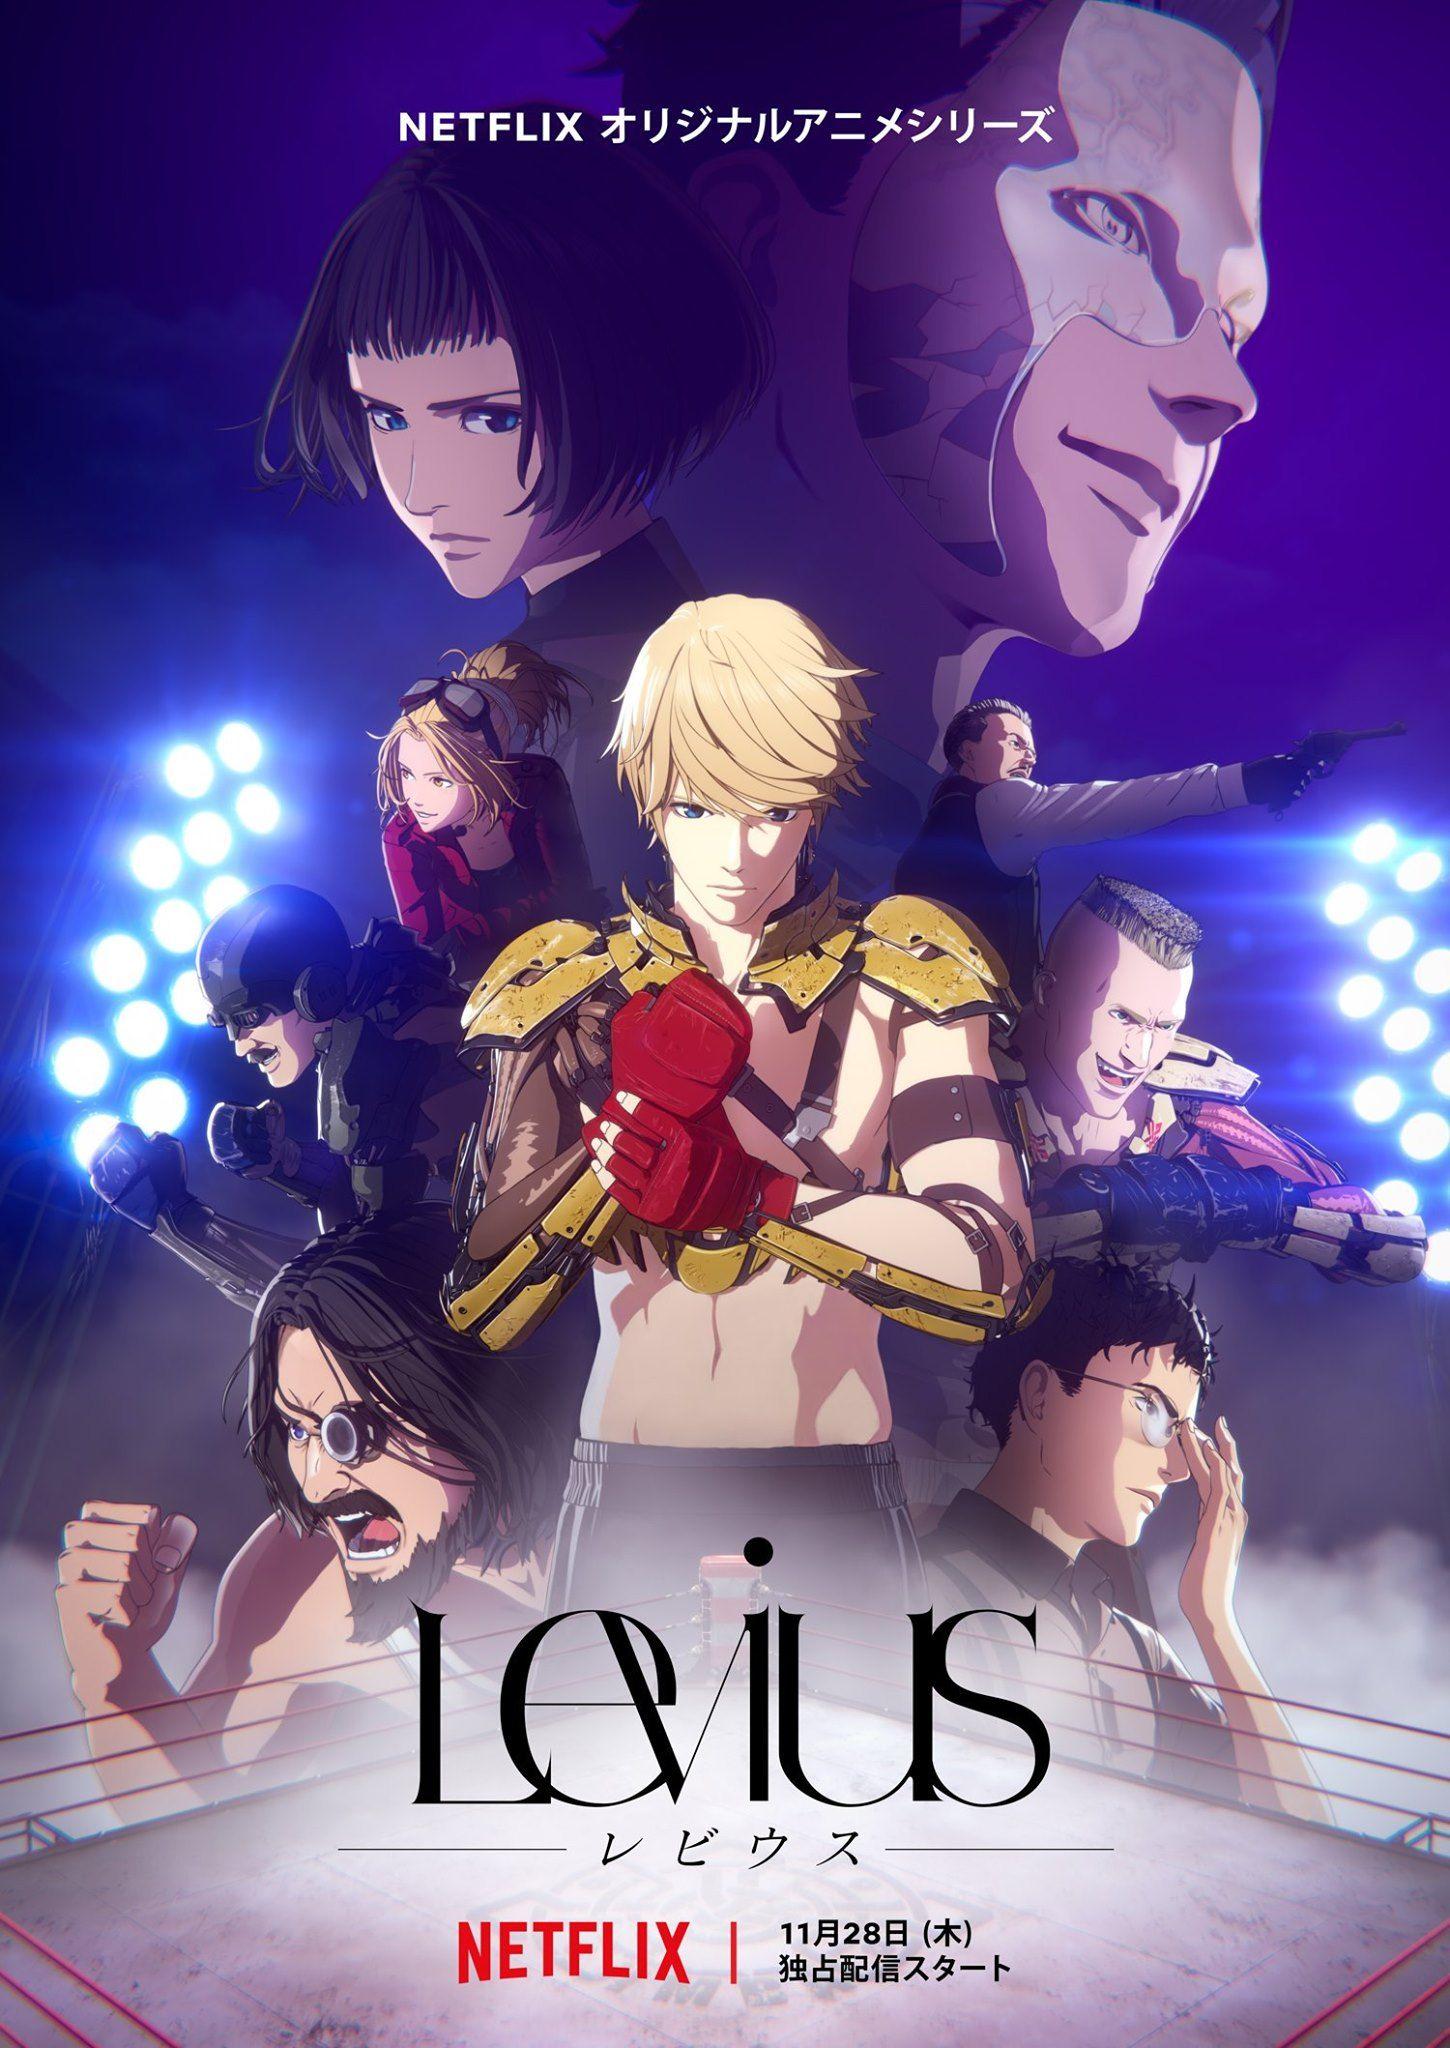 Netflix lanza trailers de sus nuevos animes 20192020